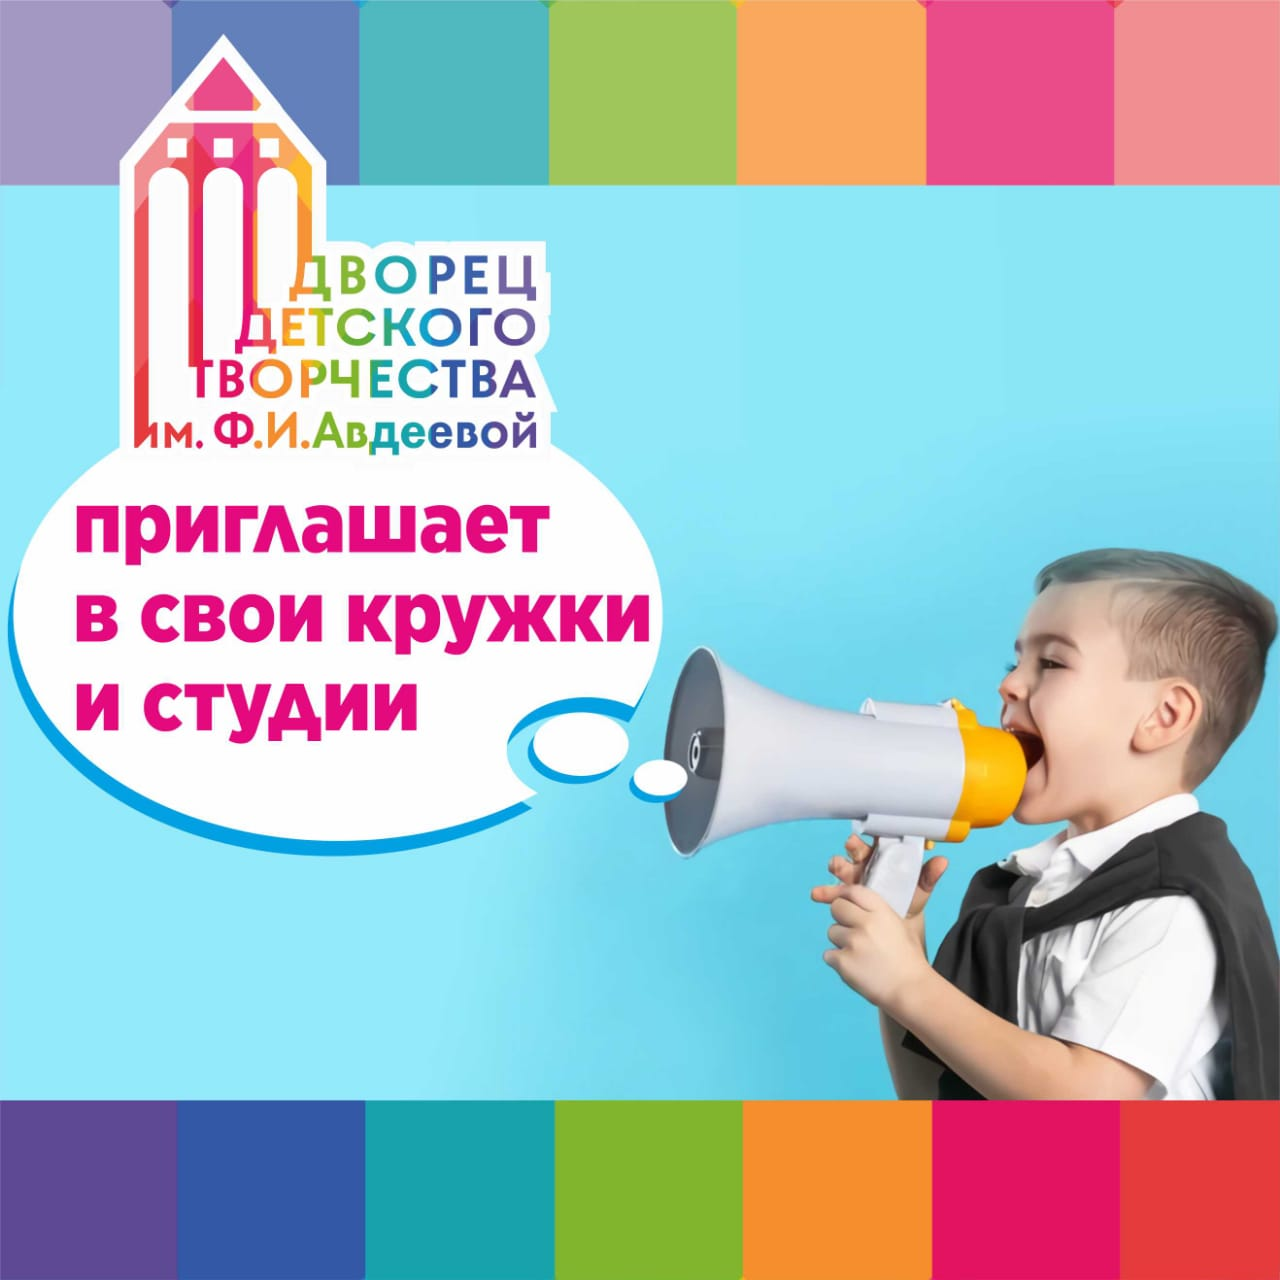 Во Дворце детского творчества стартовал набор на 2020-2021 учебный год